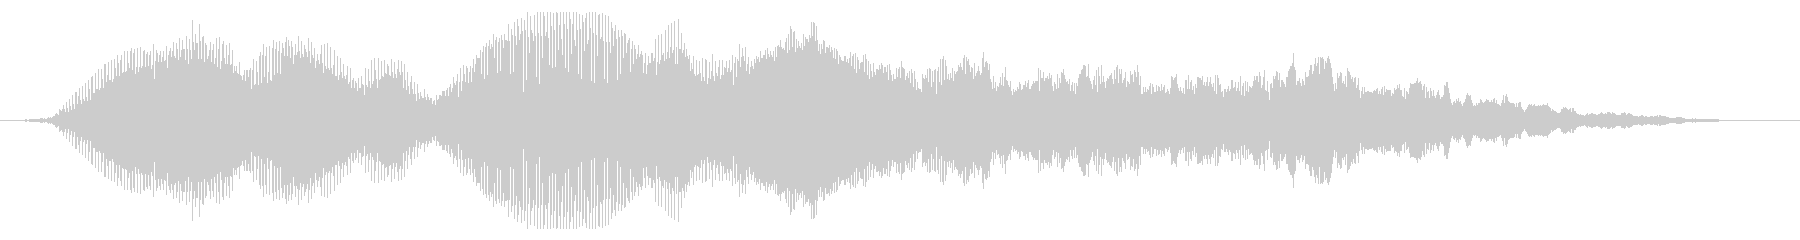 ソフトシンセ移行またはロゴの未再生の波形